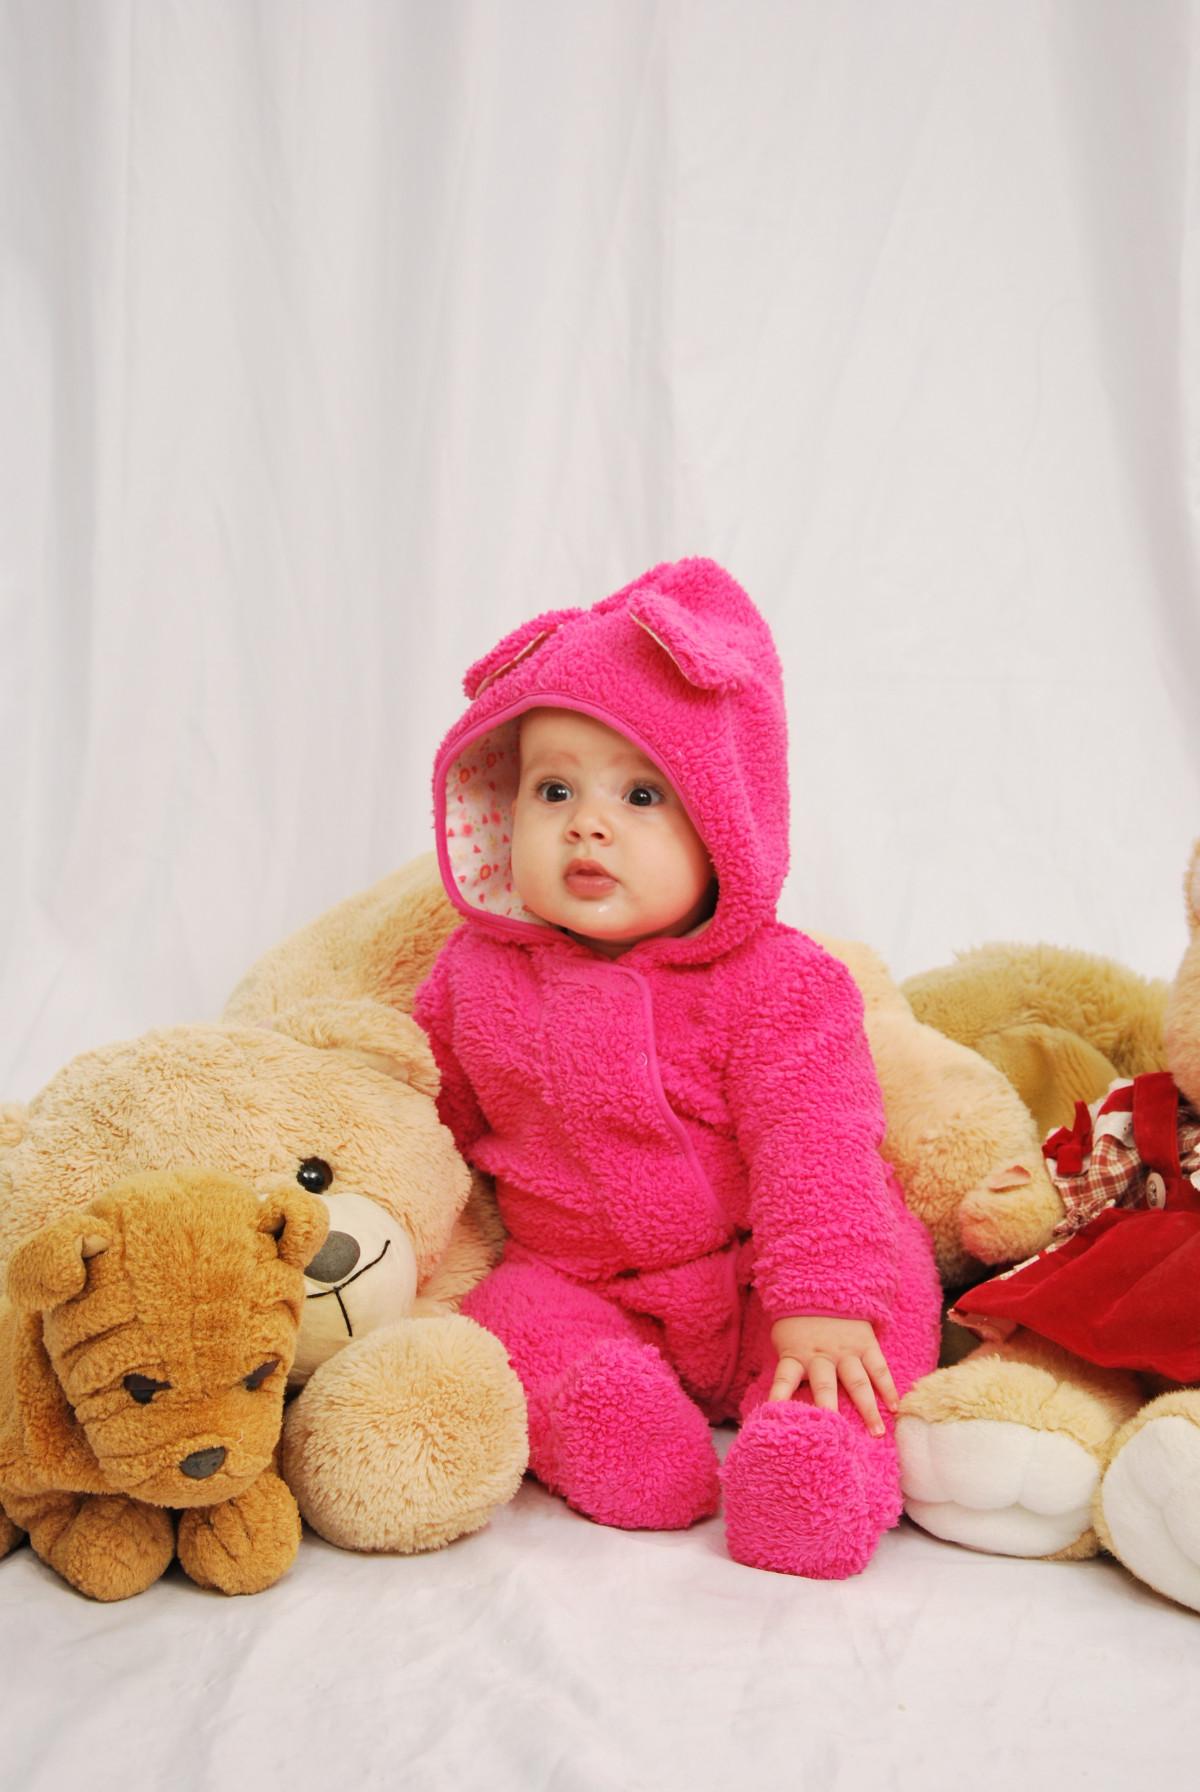 images gratuites fille enfant b b mat riel produit textile enfants innocent content. Black Bedroom Furniture Sets. Home Design Ideas